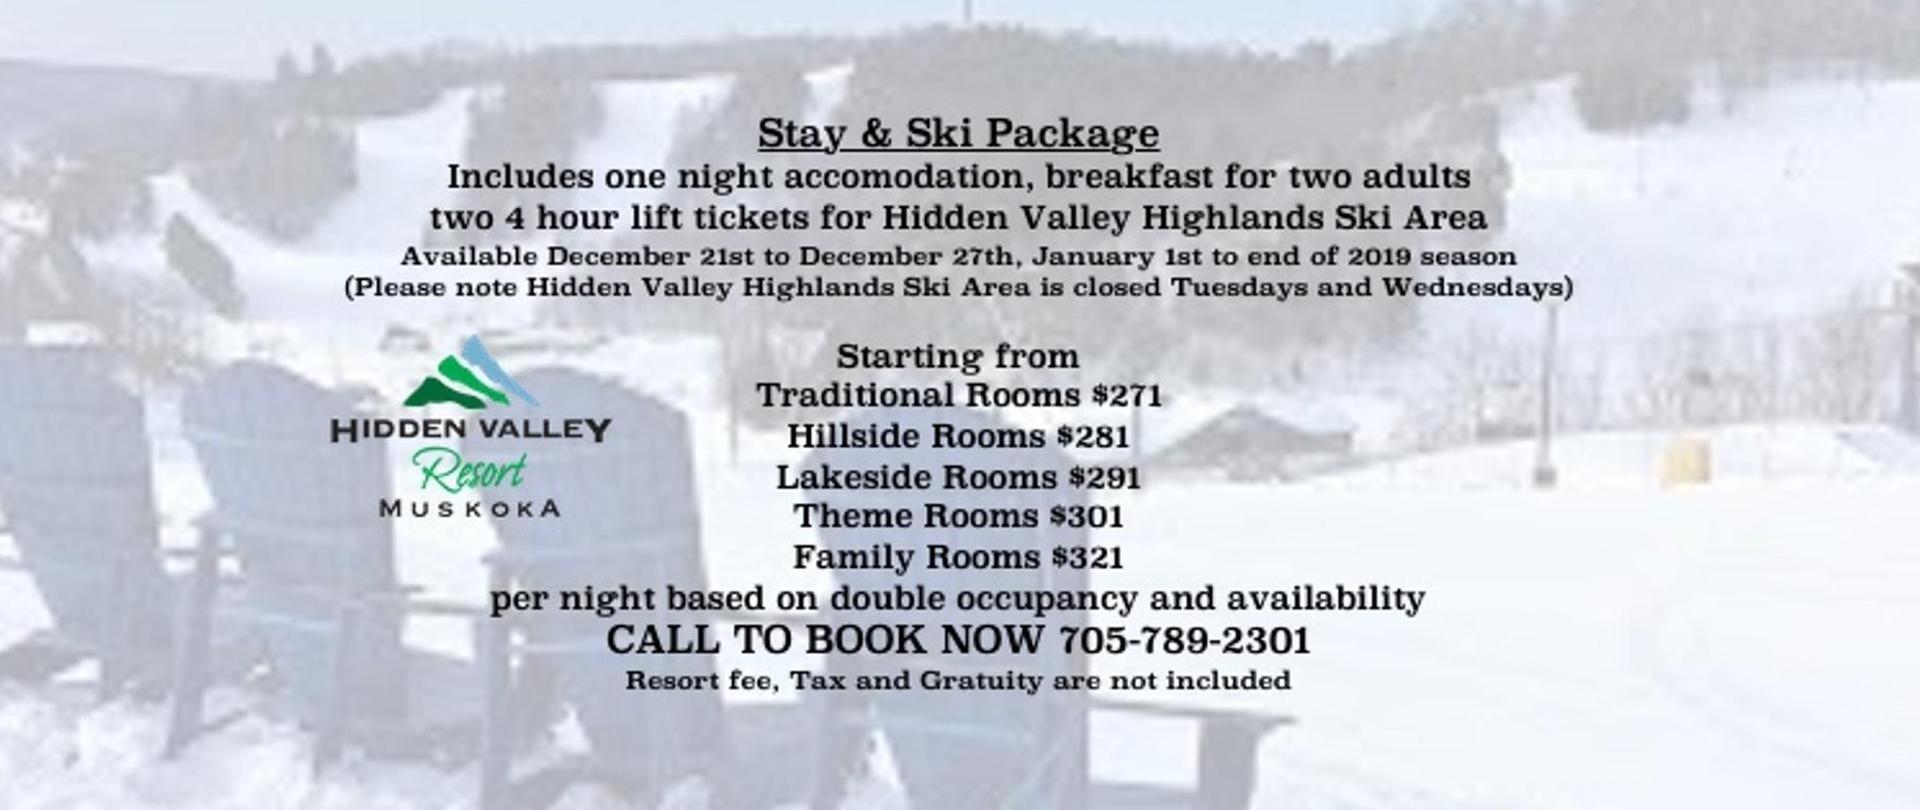 Ski package.jpg